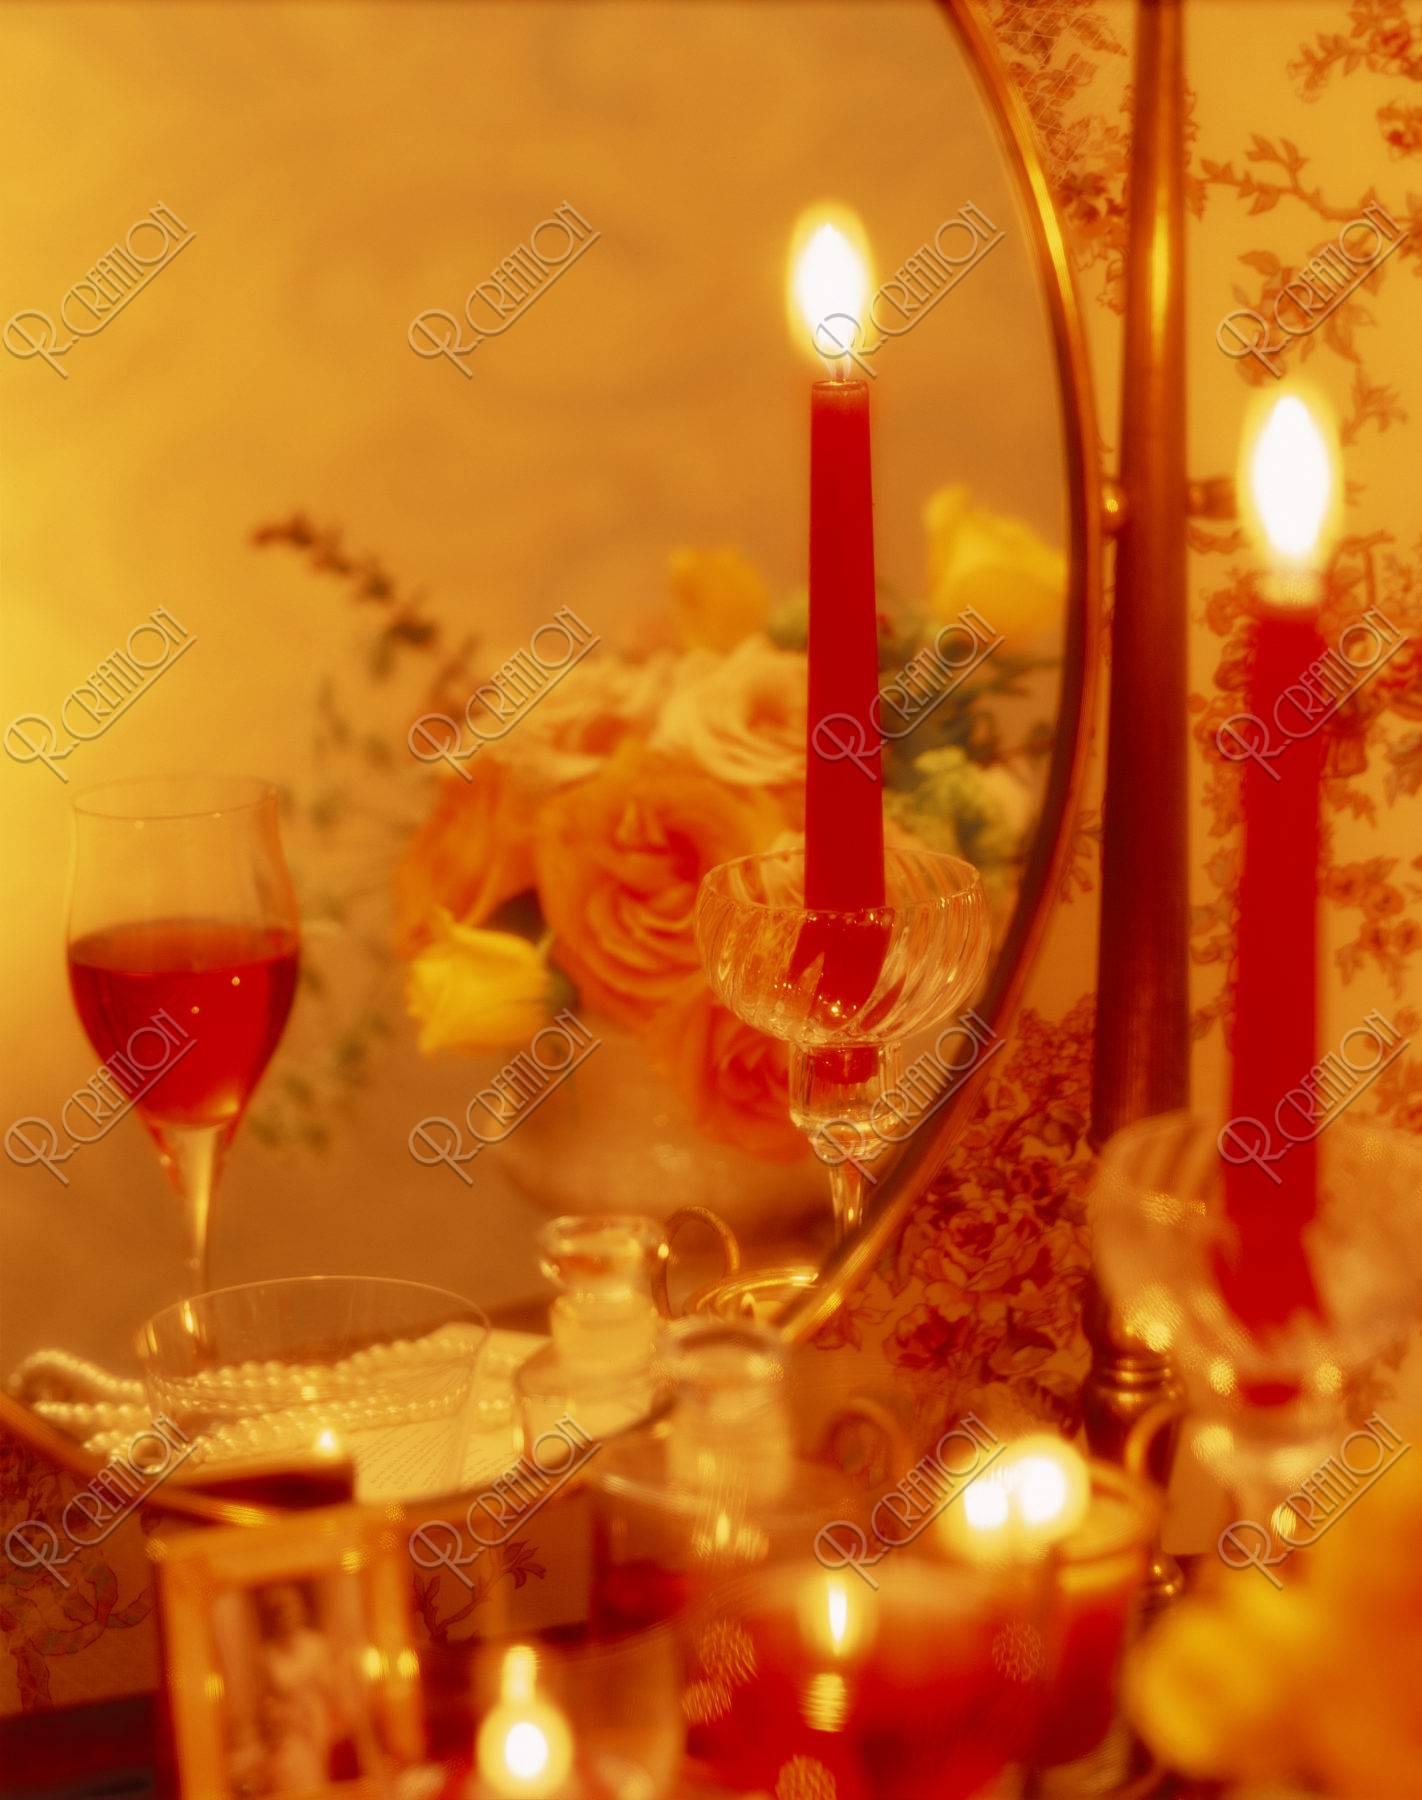 鏡台の上のキャンドルと花